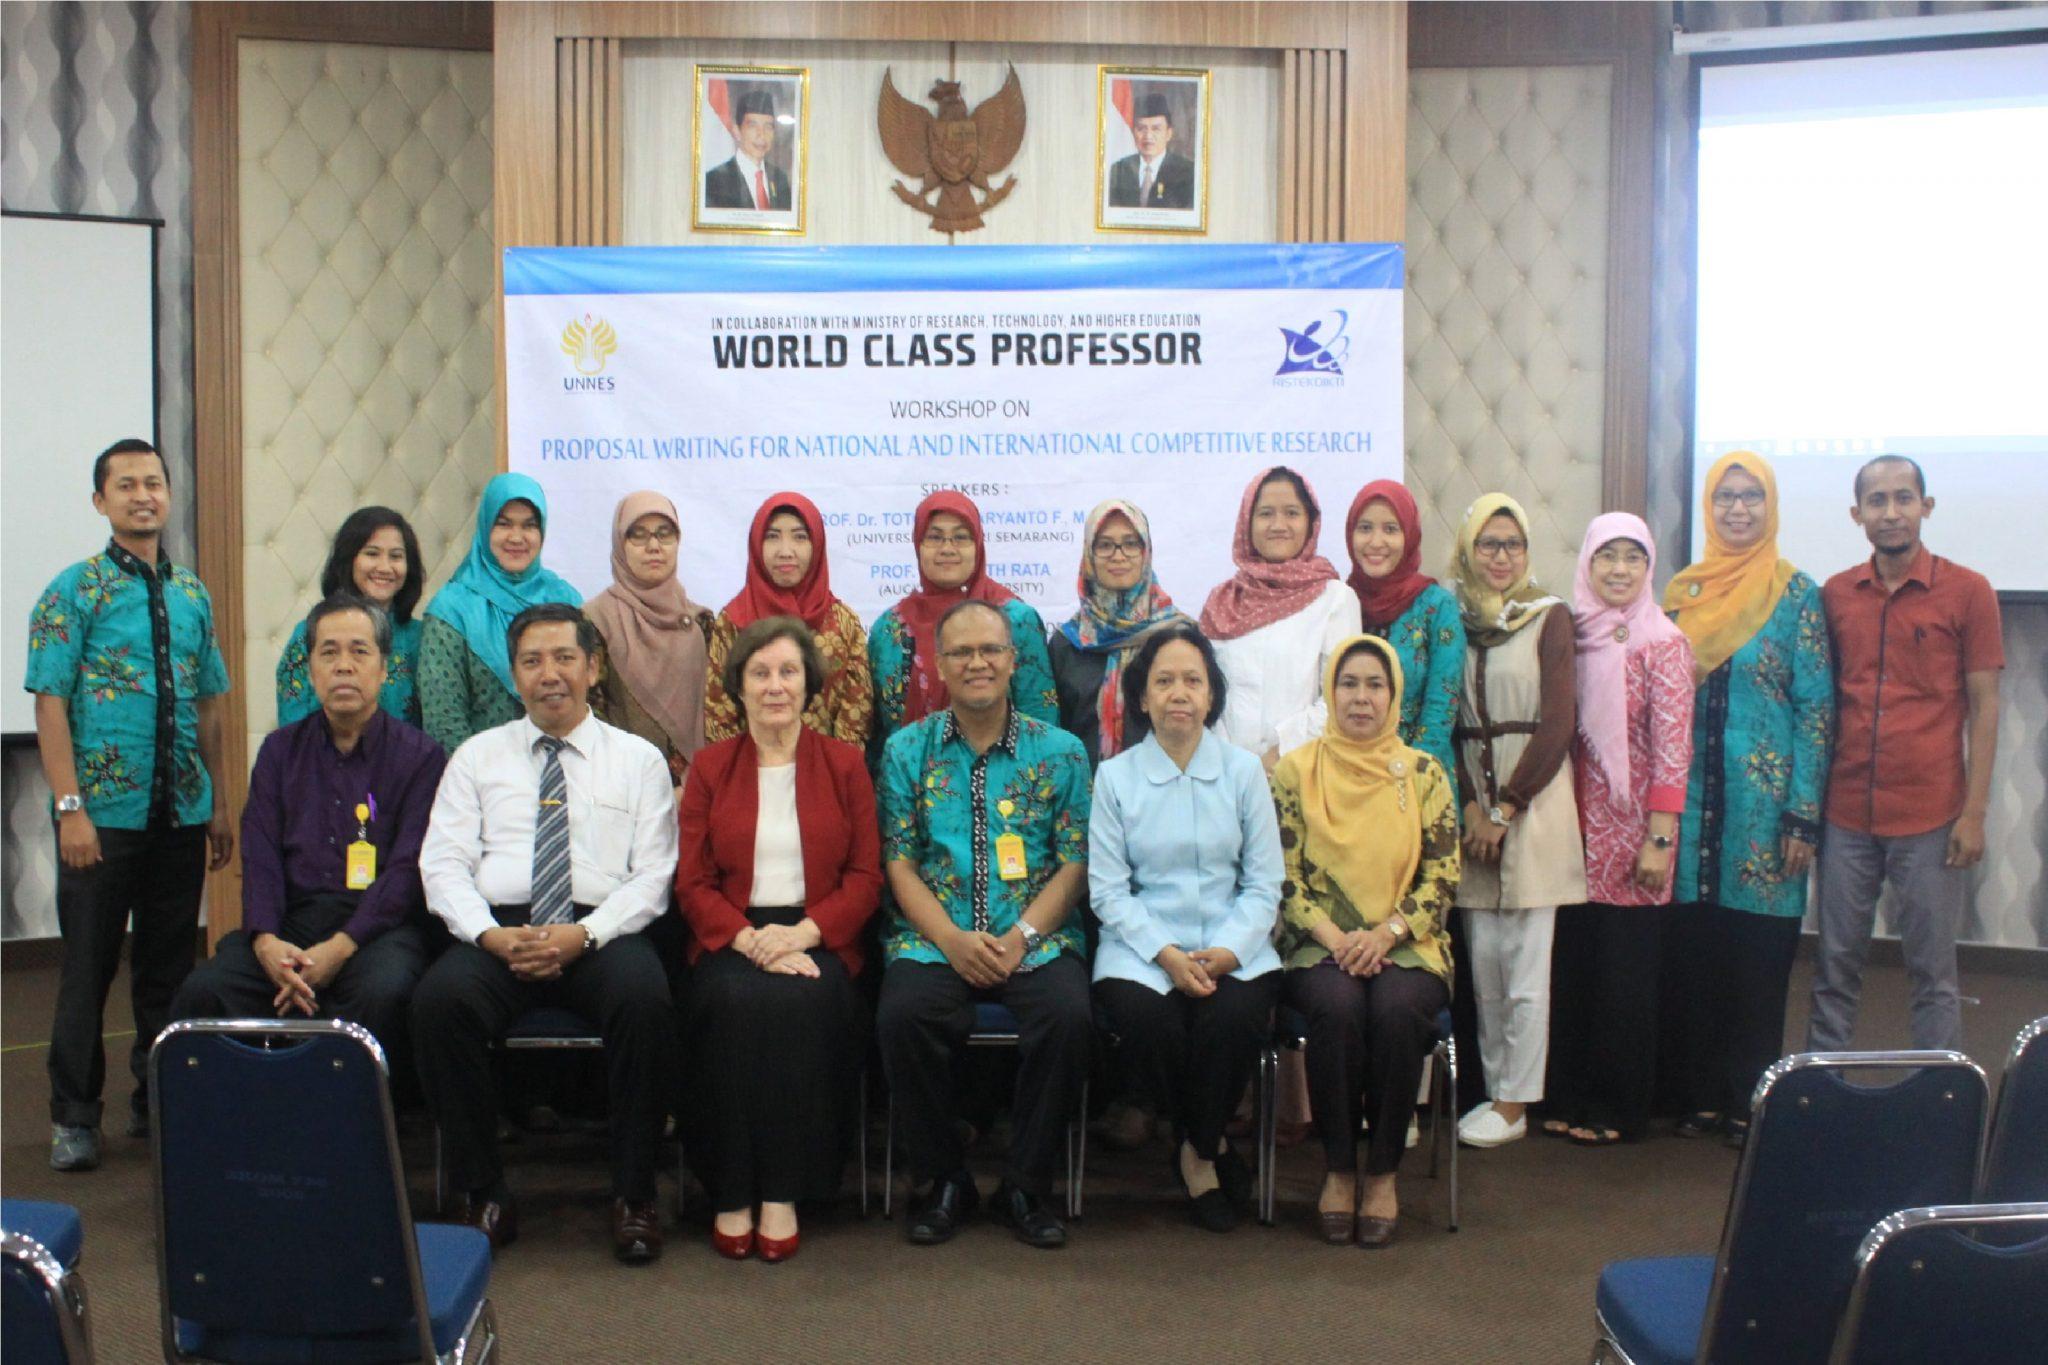 World Class Professor Asah Kemampuan Dosen UNNES dalam Menulis Proposal Penelitian Kompetitif Tingkat Nasional dan Internasional